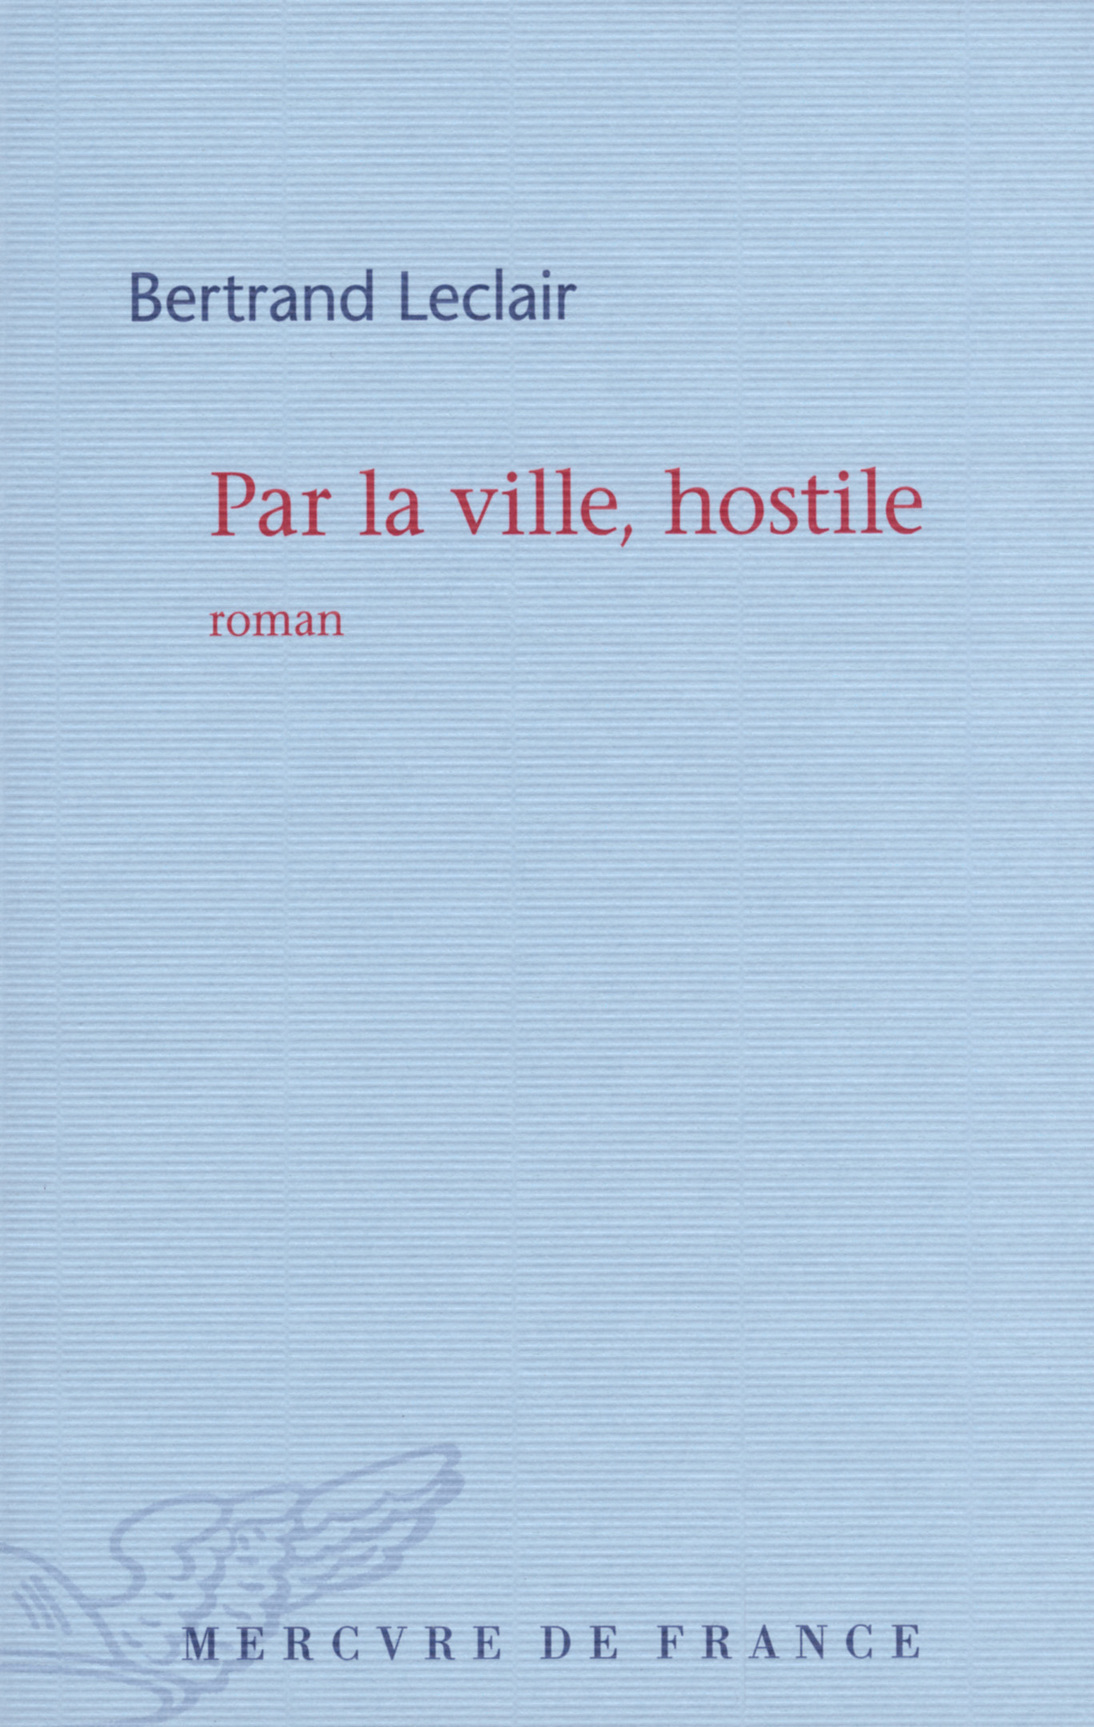 PAR LA VILLE, HOSTILE